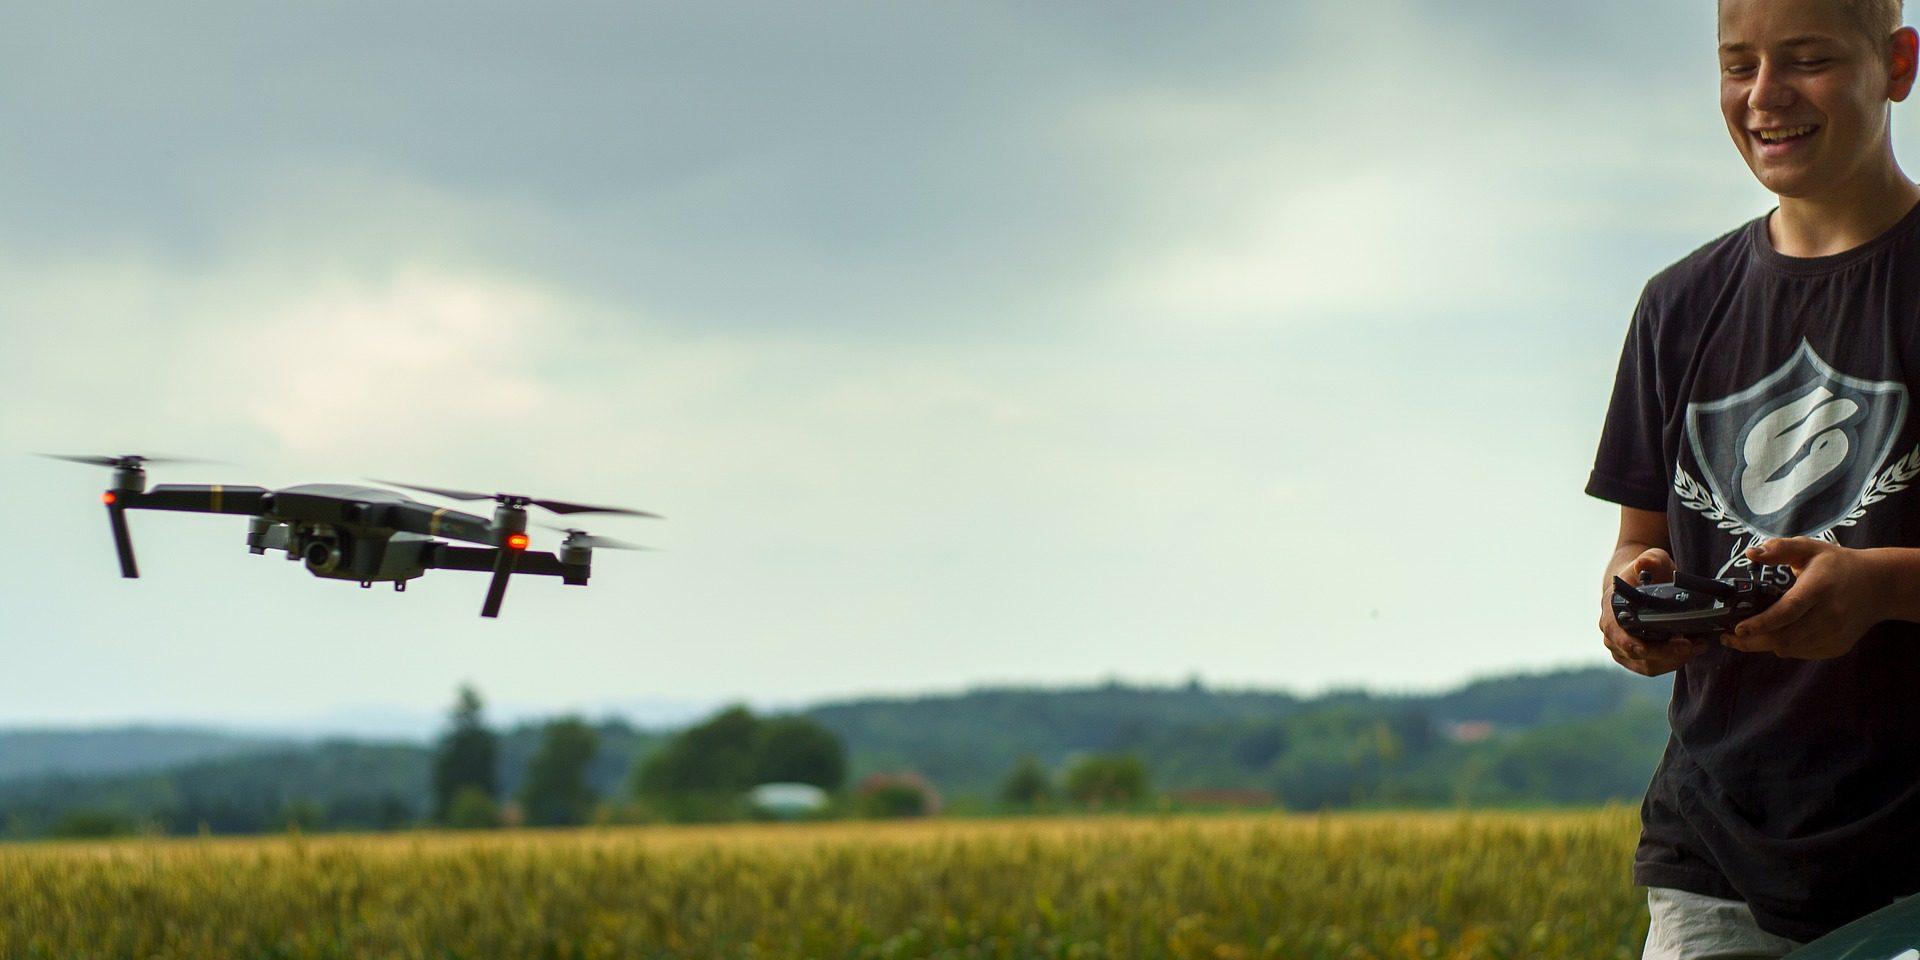 drone-2823770_1920